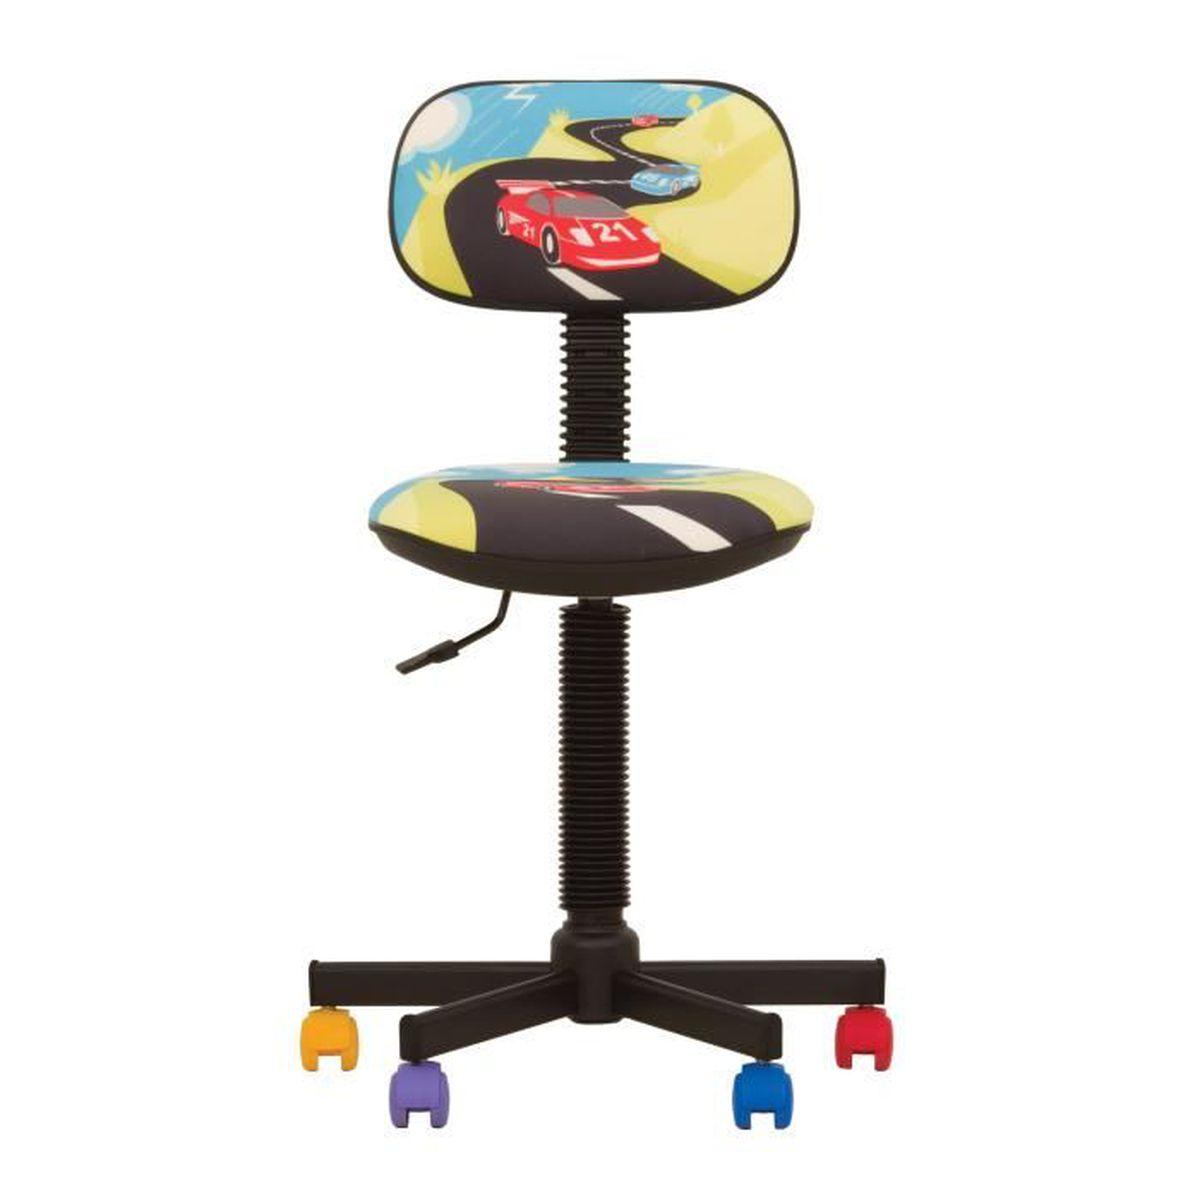 bambo turbo gts chaise de bureau enfant ergonomique hauteur de dossier r glable profondeur d. Black Bedroom Furniture Sets. Home Design Ideas